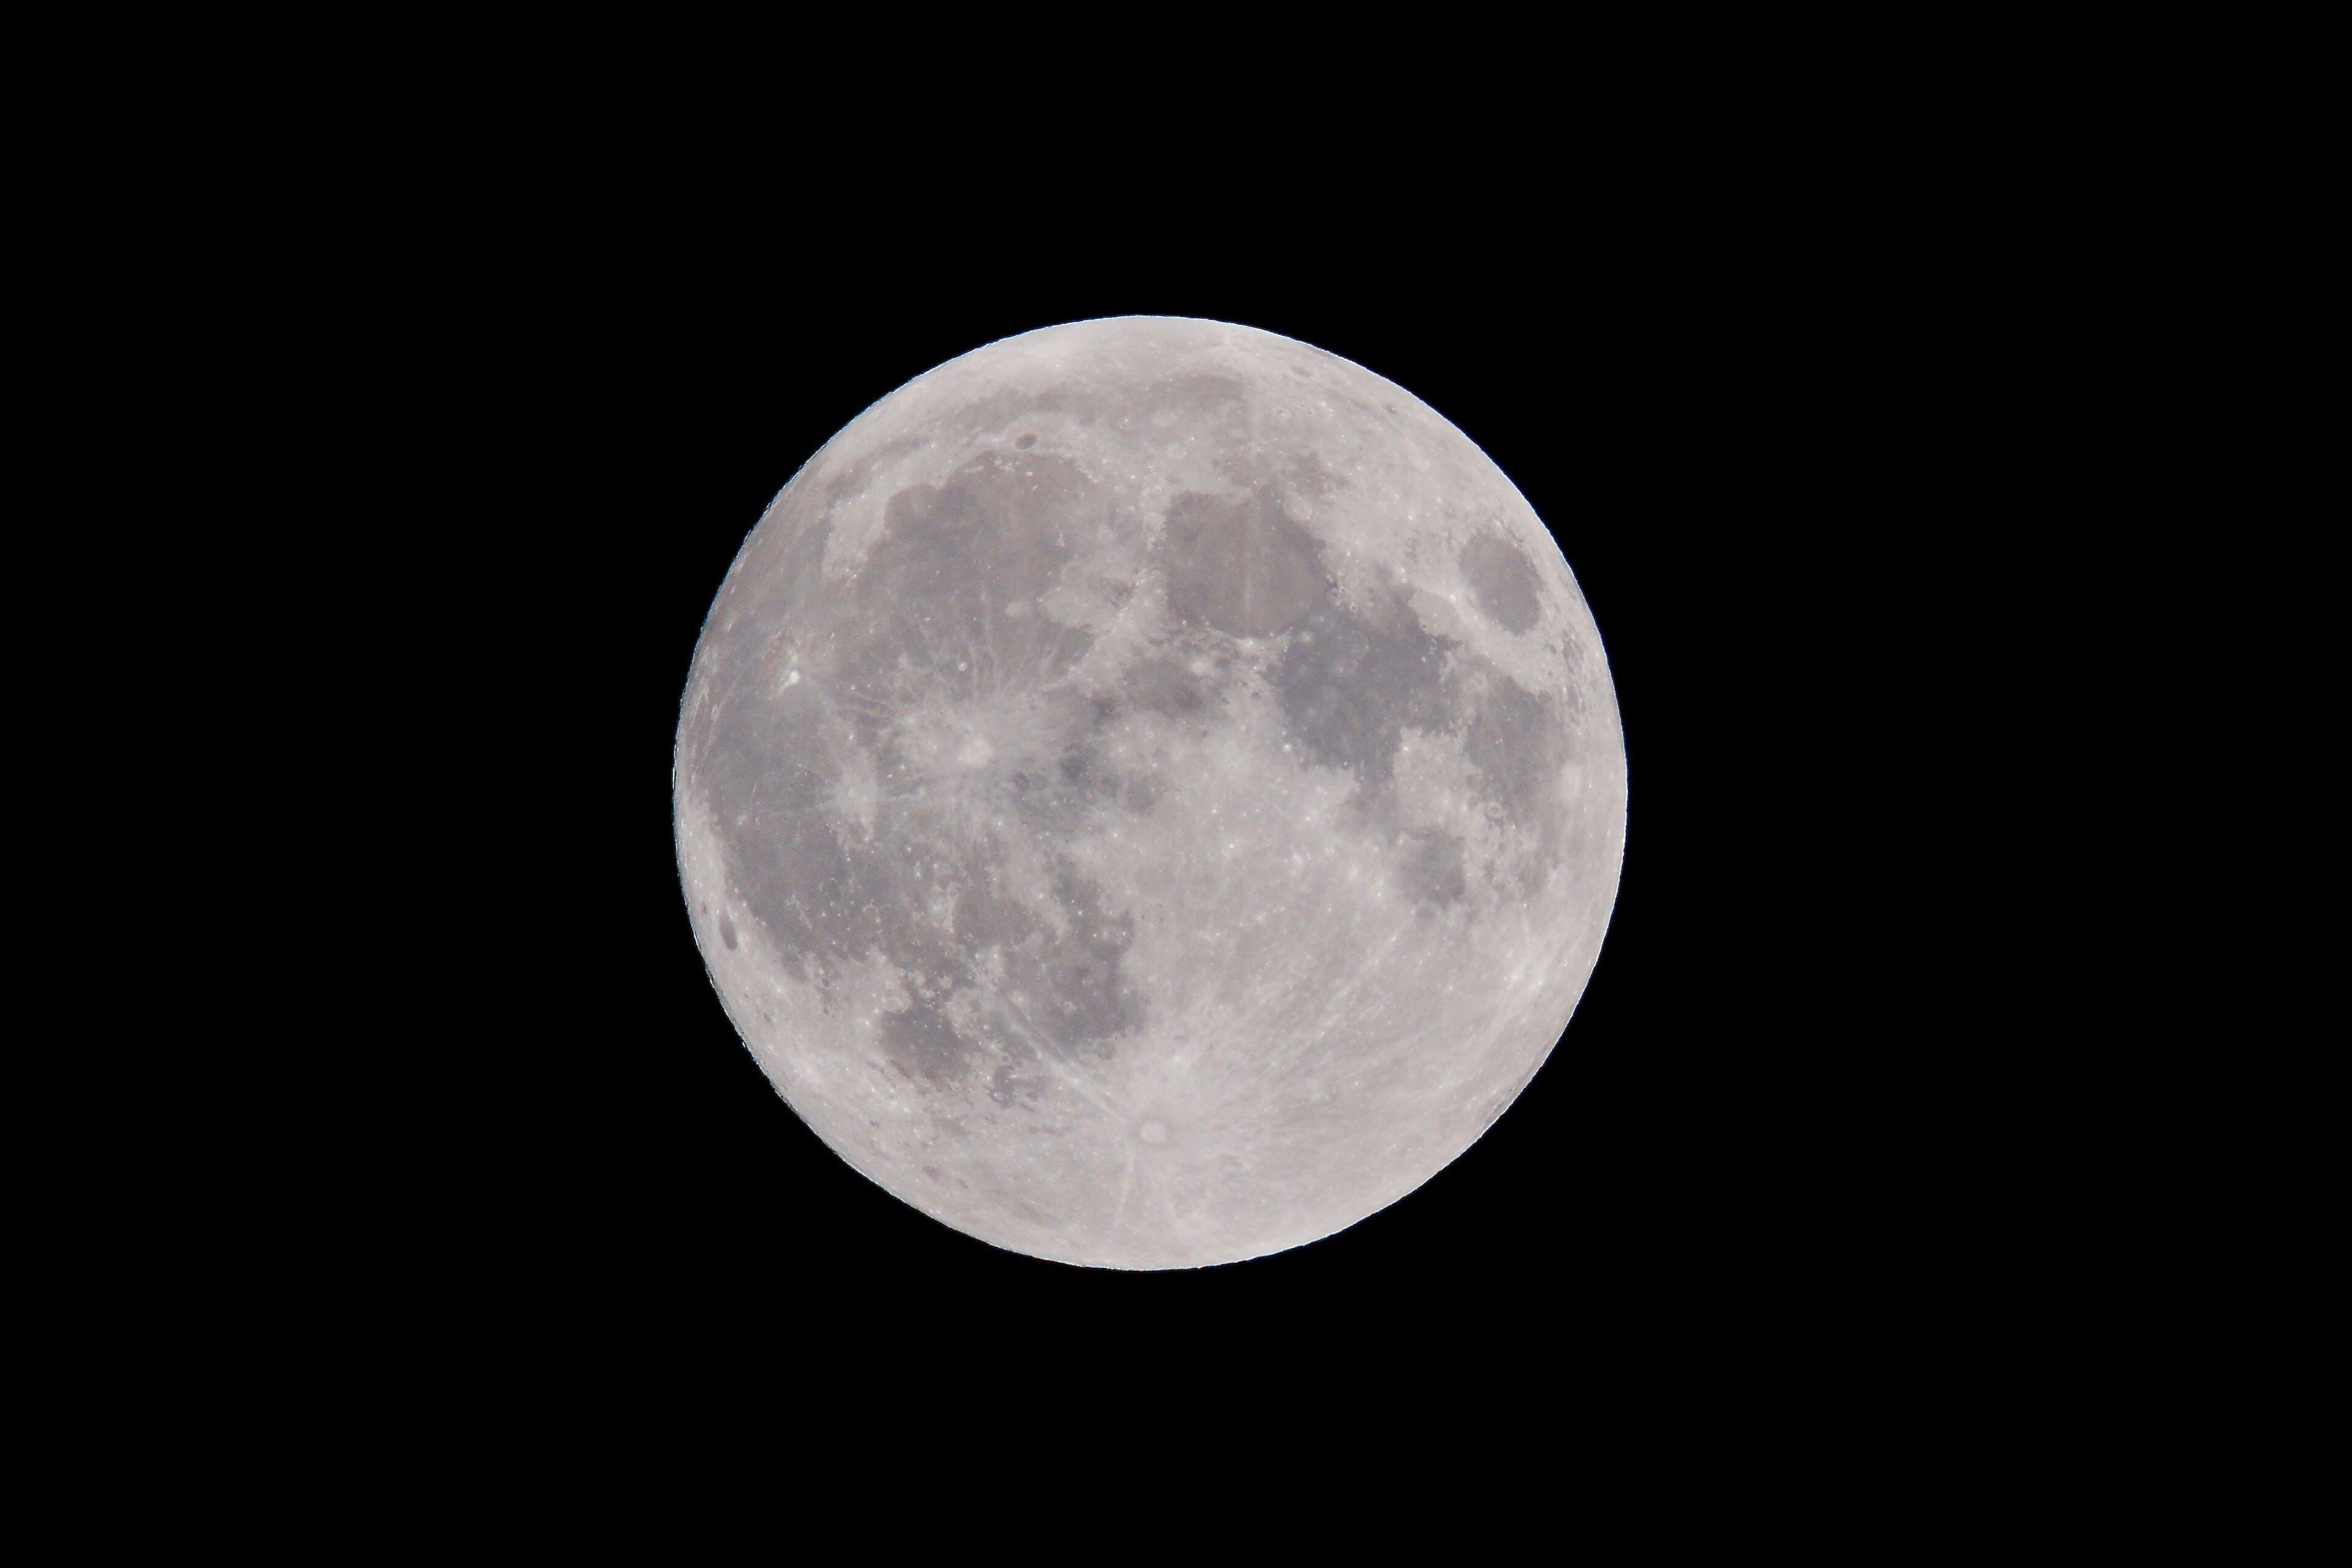 Gratis stockfoto met astronomie, donker, heelal, maan